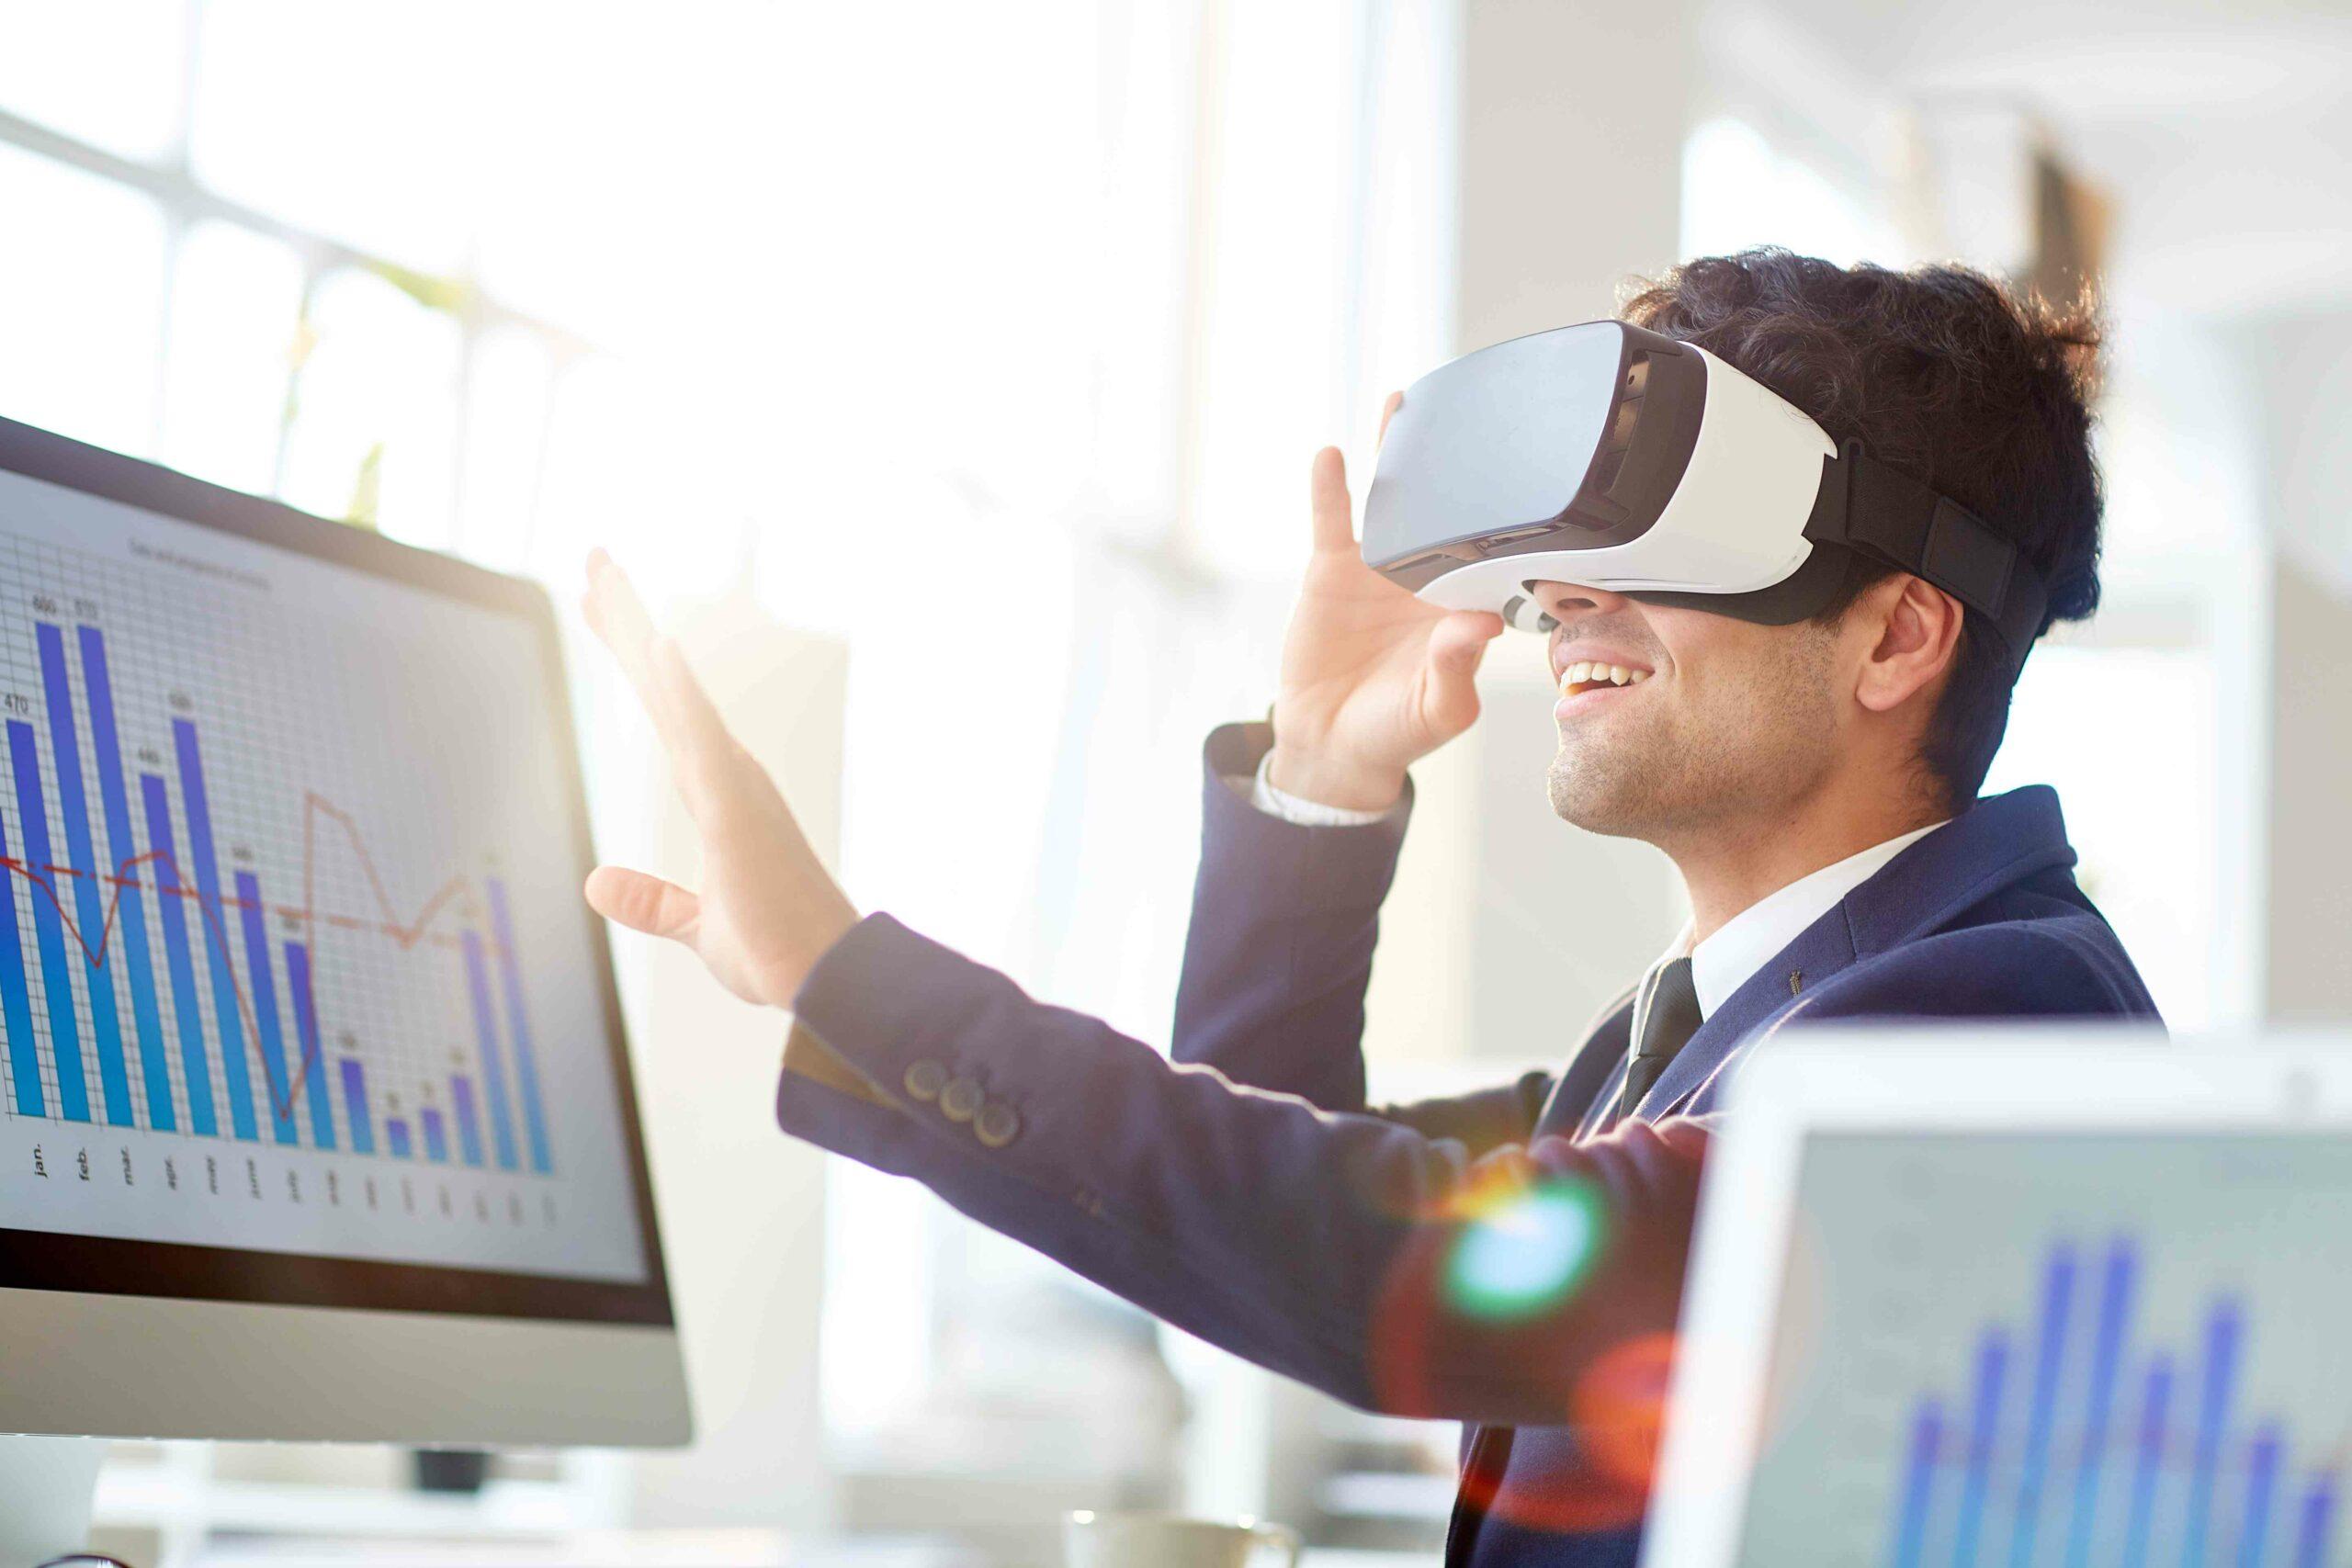 Se estima que en 2020 cien millones de personas compraron utilizando realidad aumentada